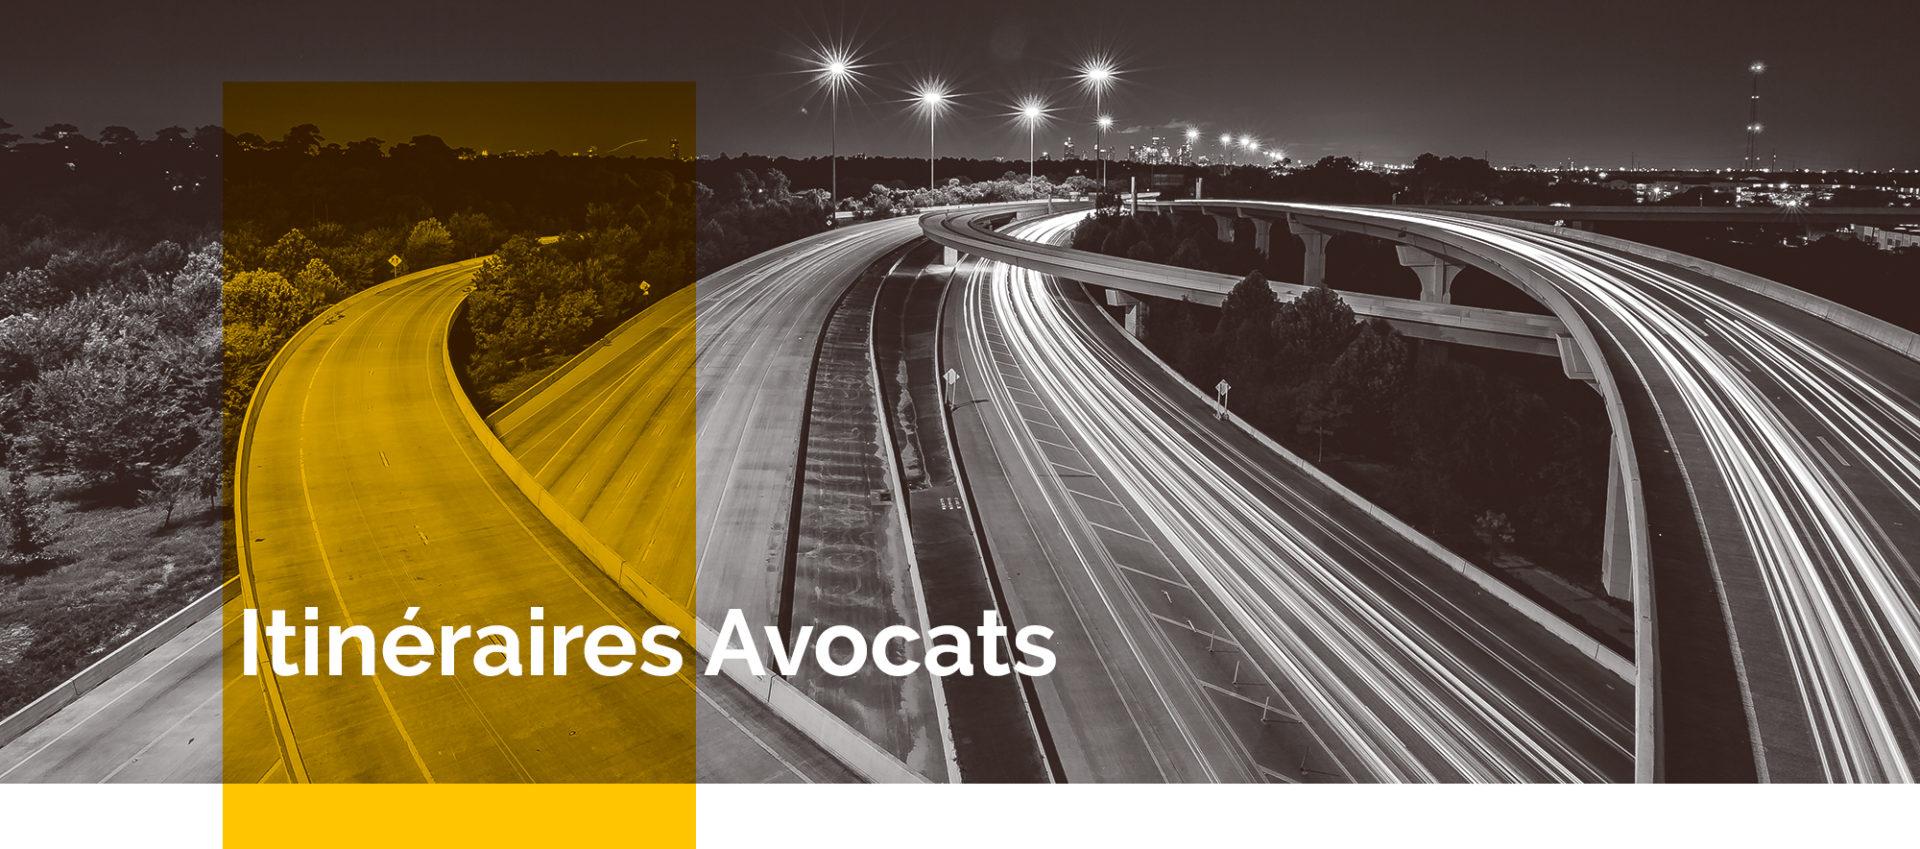 Itineraires Avocats Cabinet Conseil Droit Public Lyon Narbonne